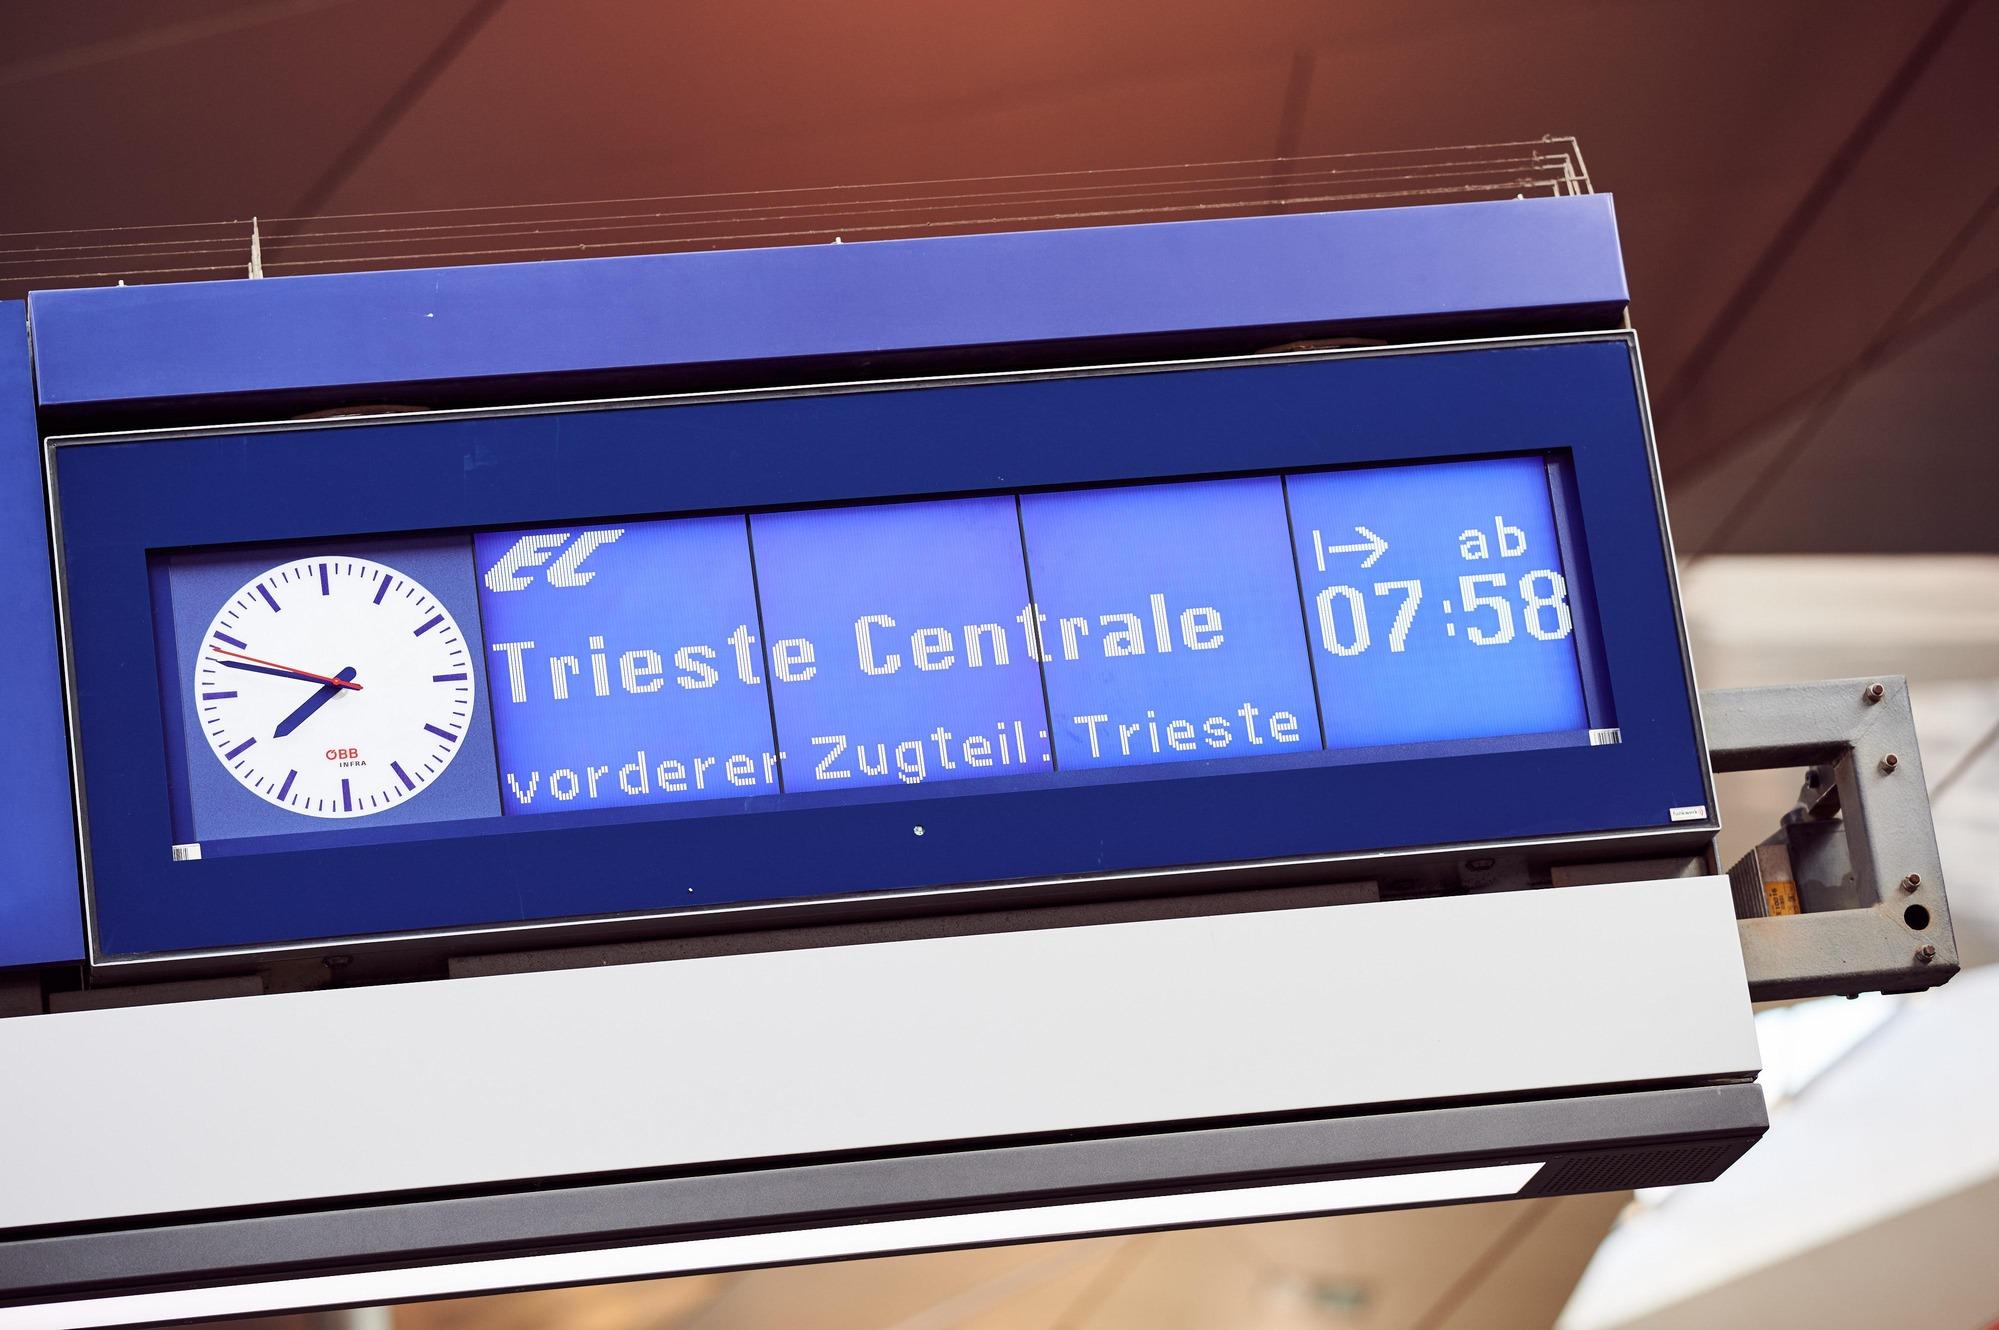 Anzeigetafel Wien - Triest